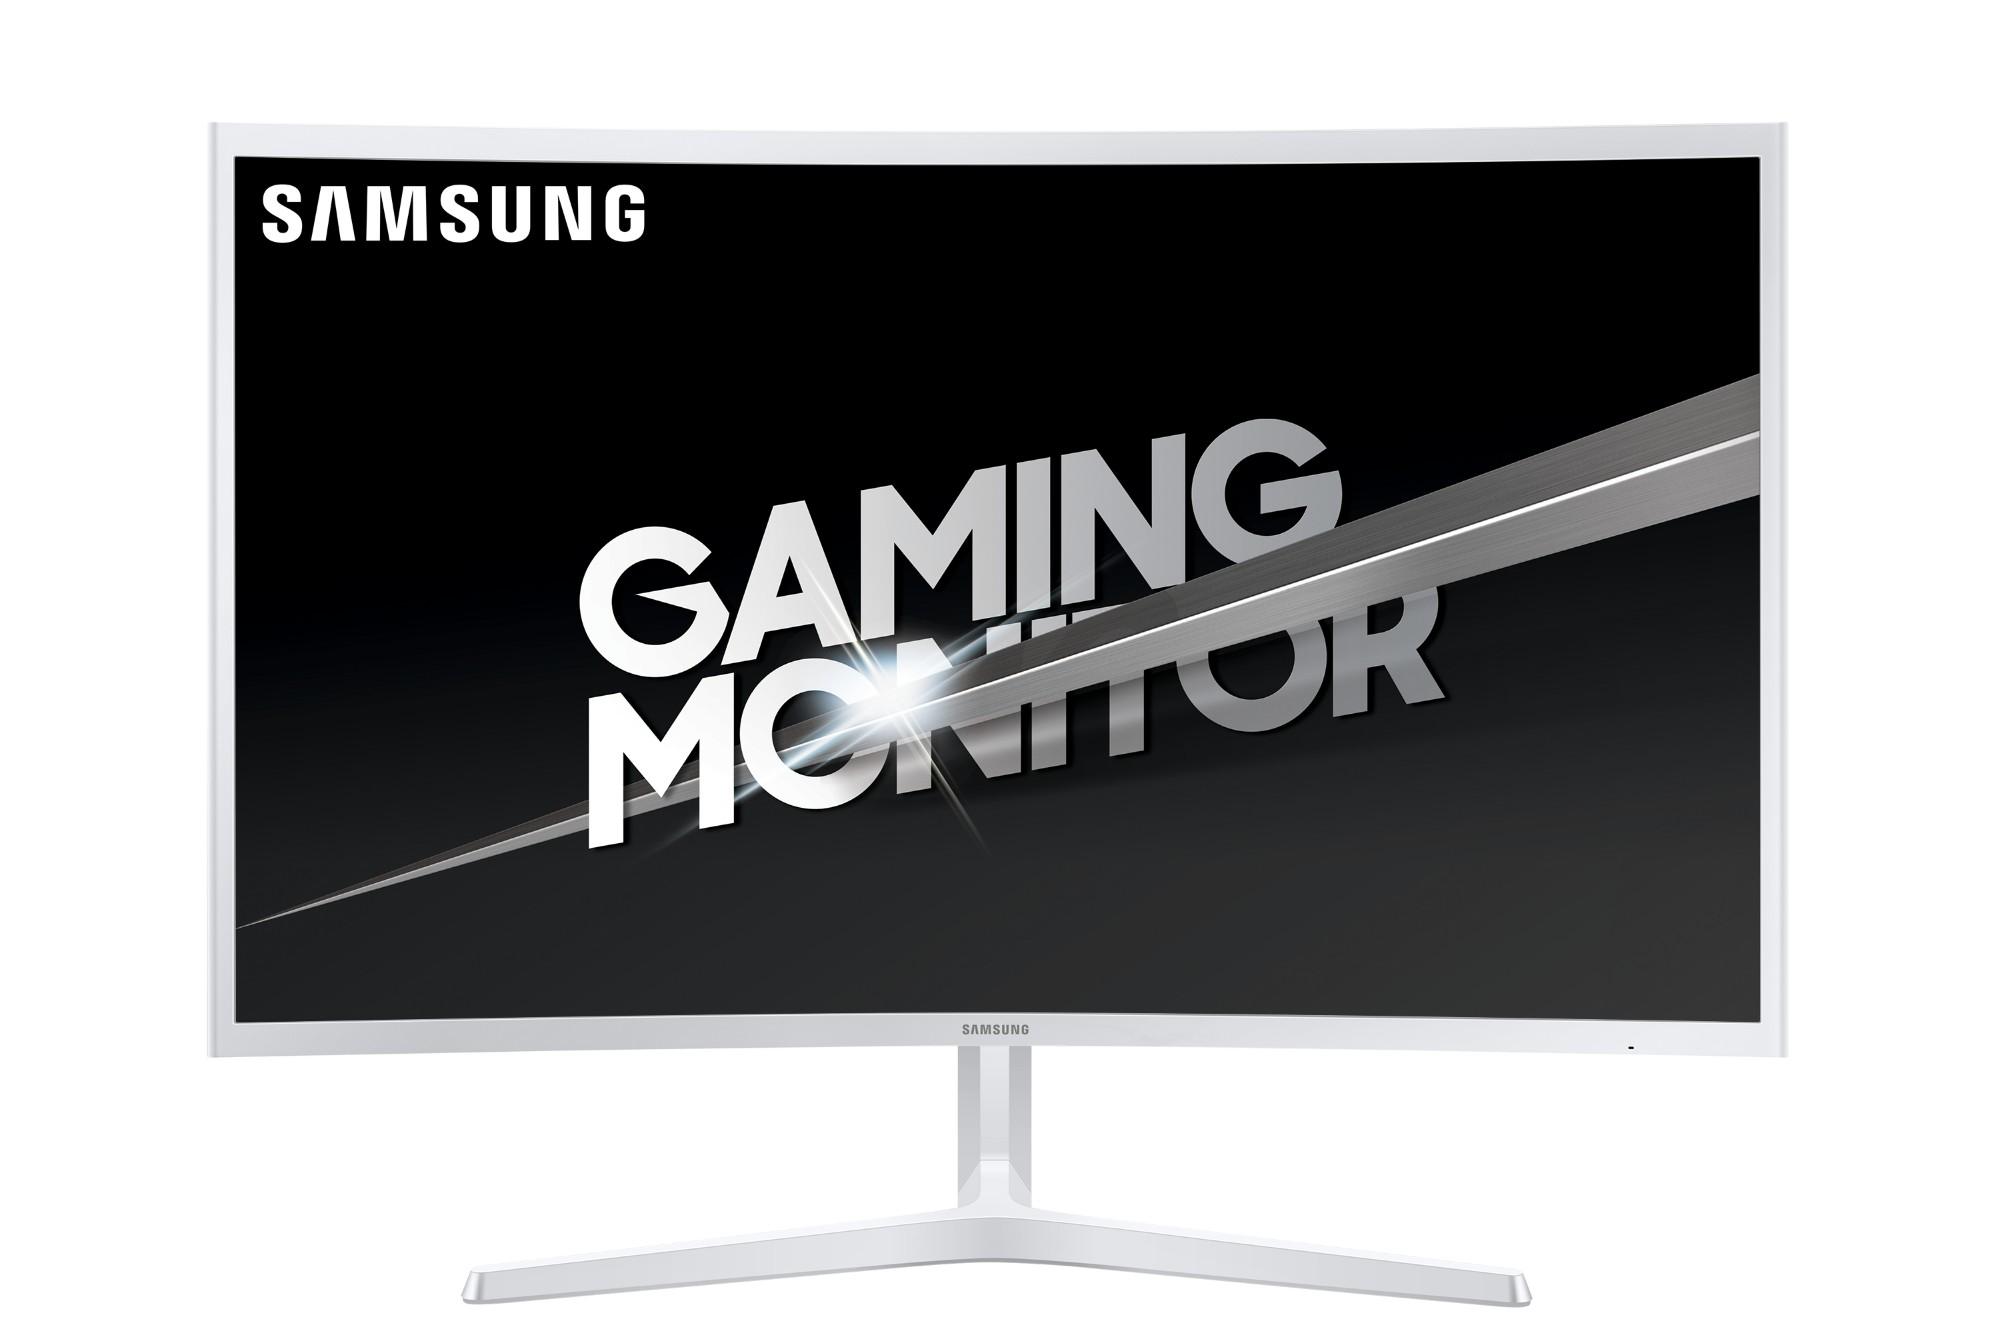 Curved Monitor - C32jg51fdu - 32in - 1920x1080